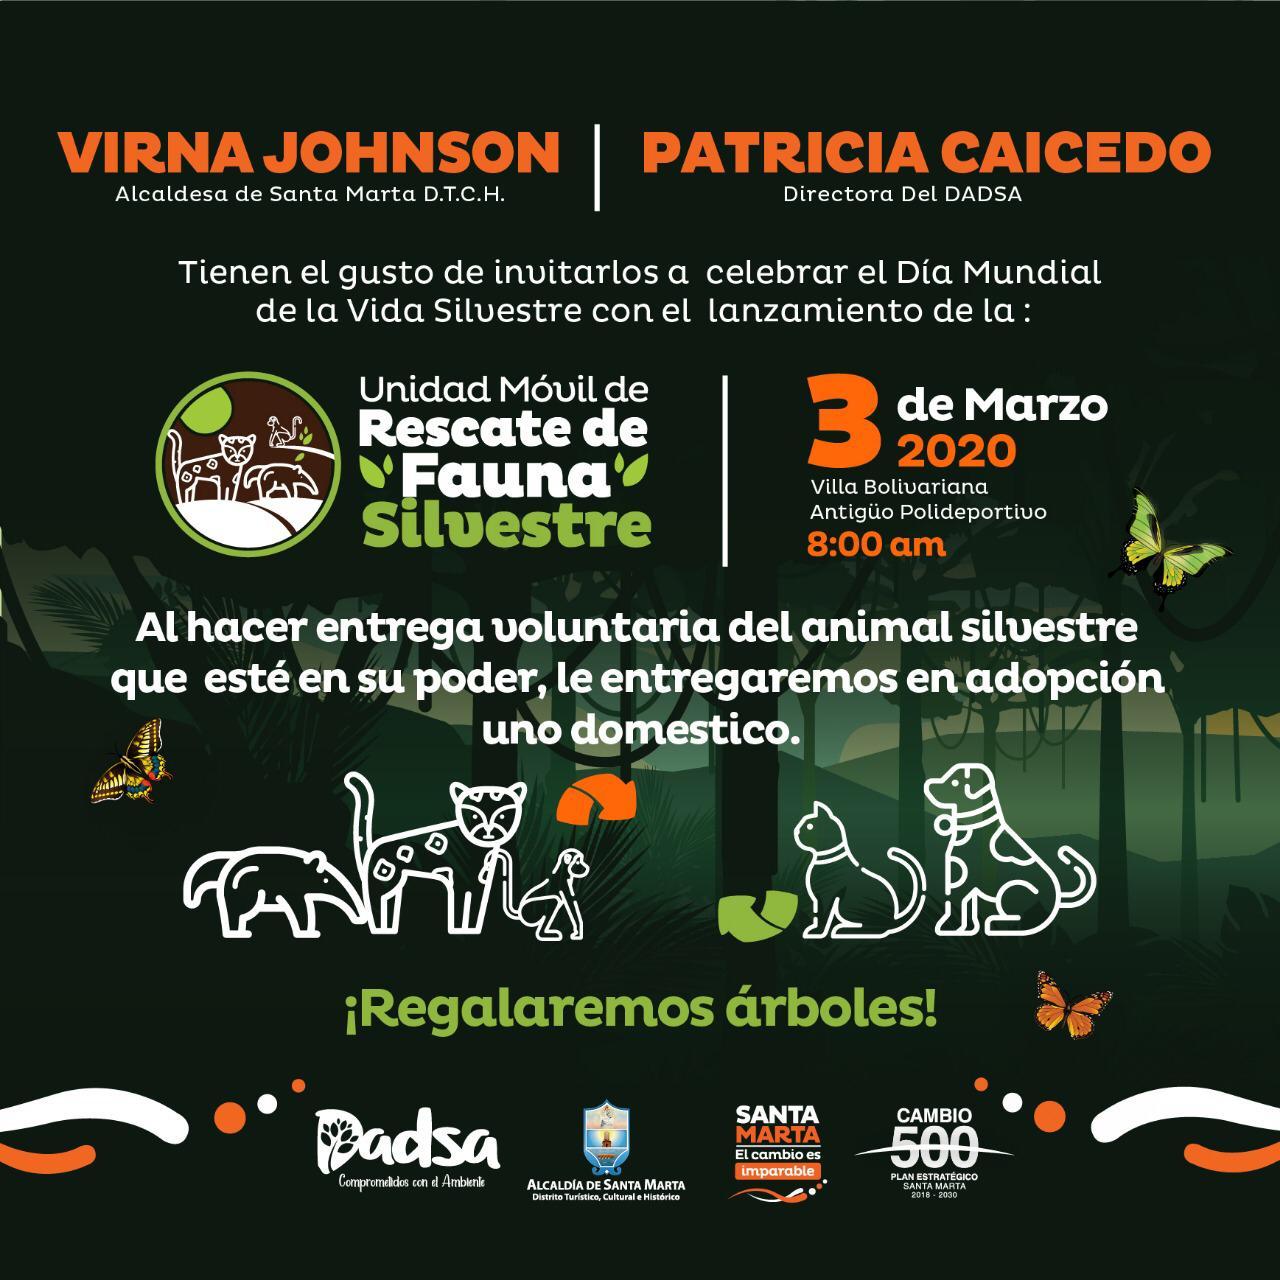 Alcaldía y Dadsa lanzan este martes esperada Unidad Móvil de Rescate de Fauna Silvestre